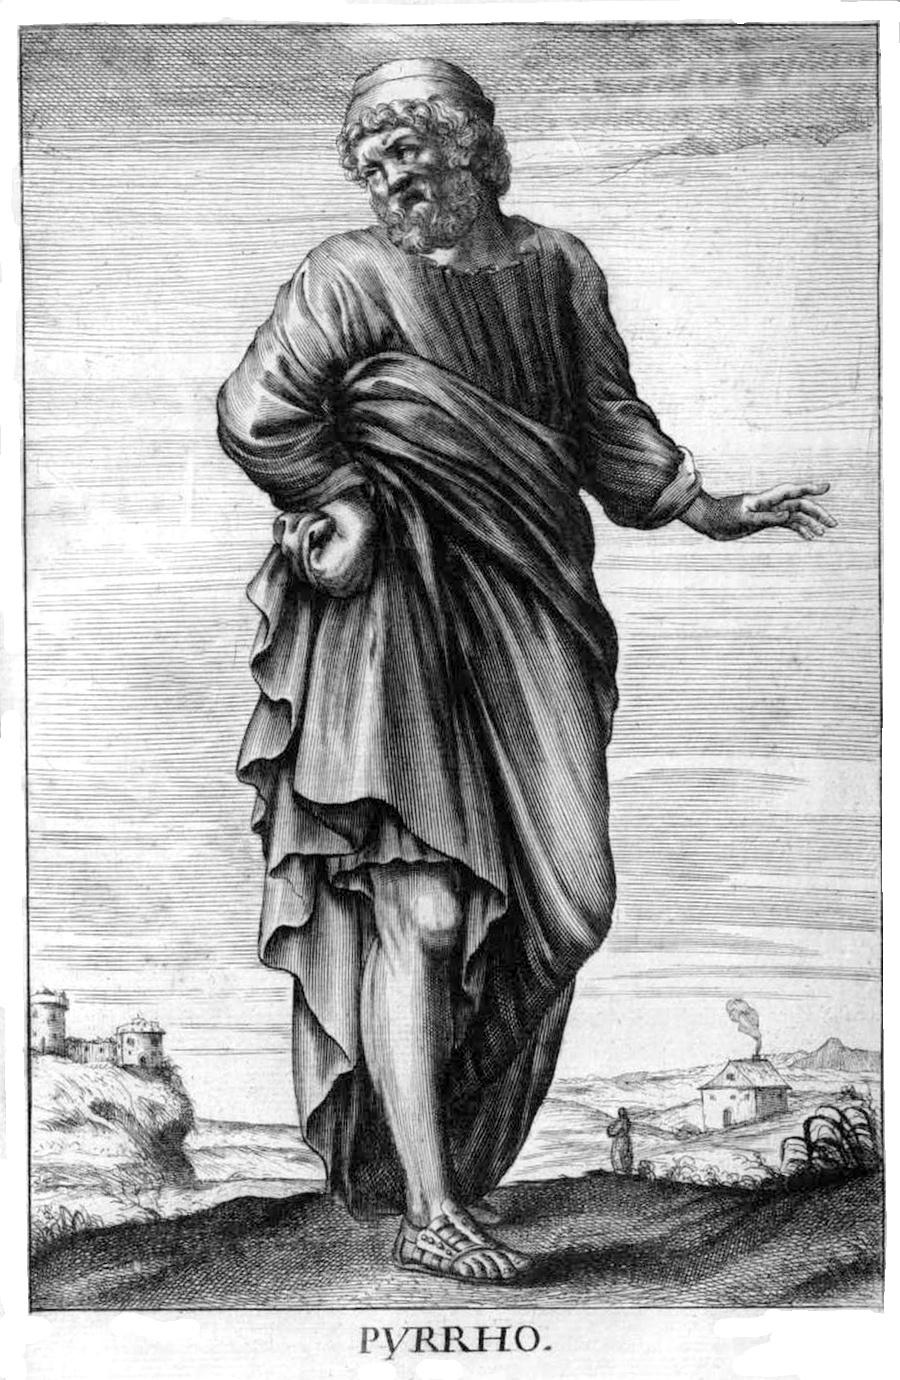 Pyrrho of Elis